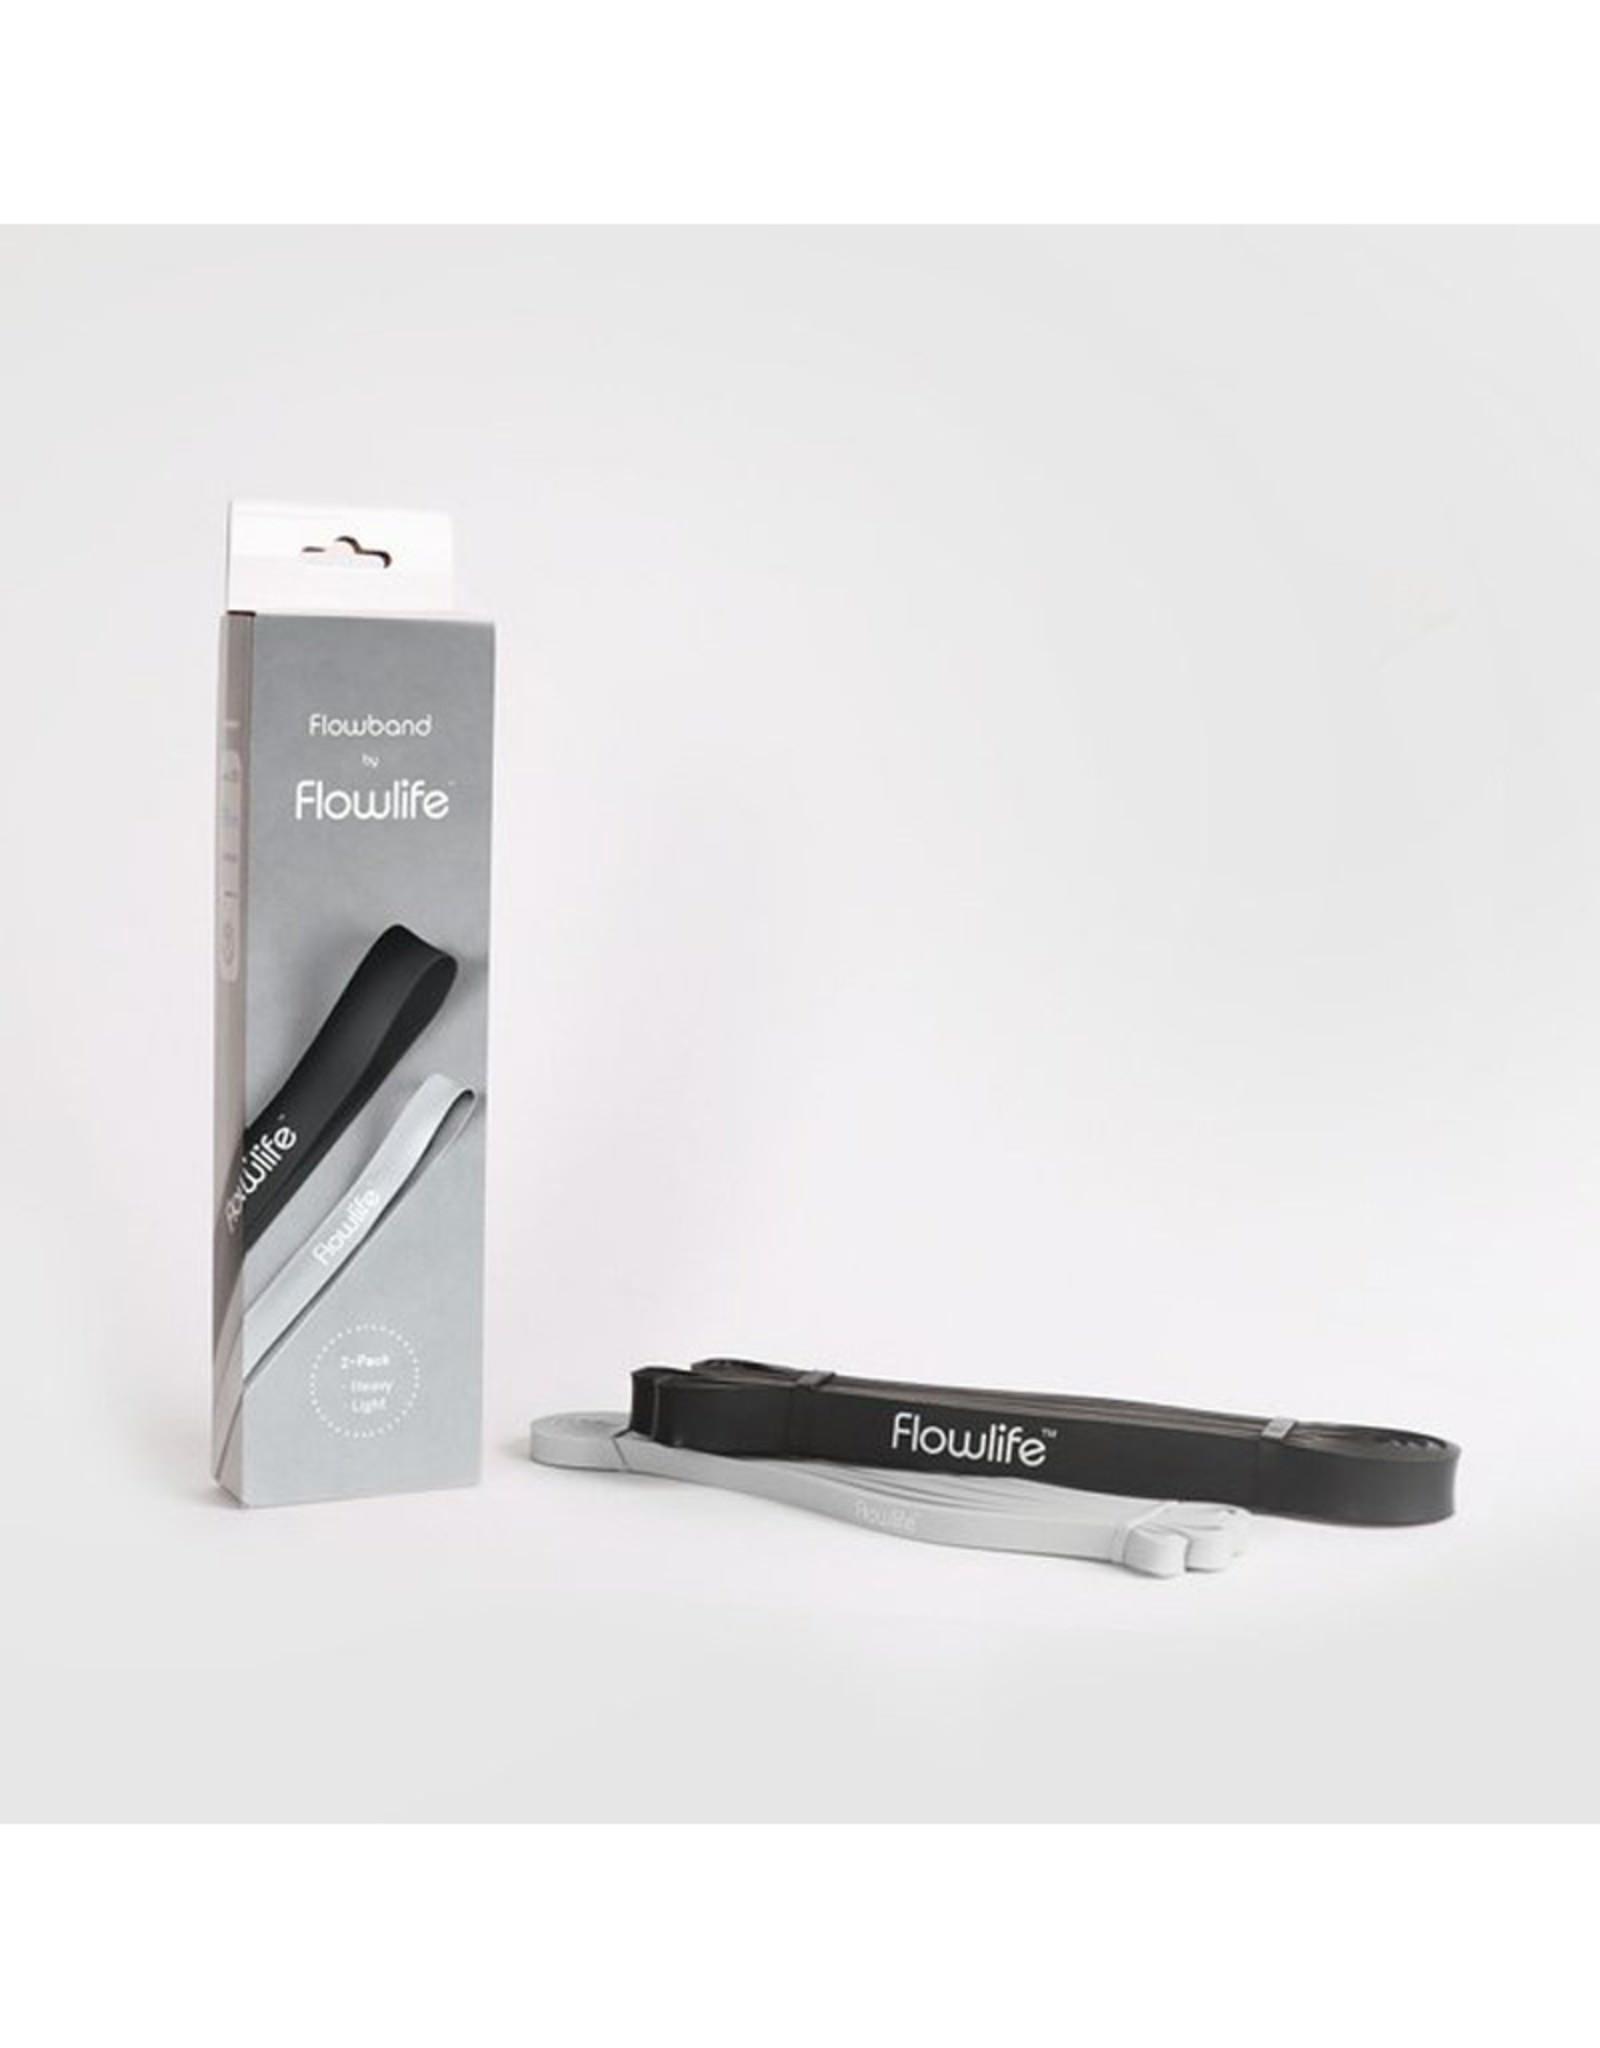 Flowlife Flowband Trainingsband - Black - One size